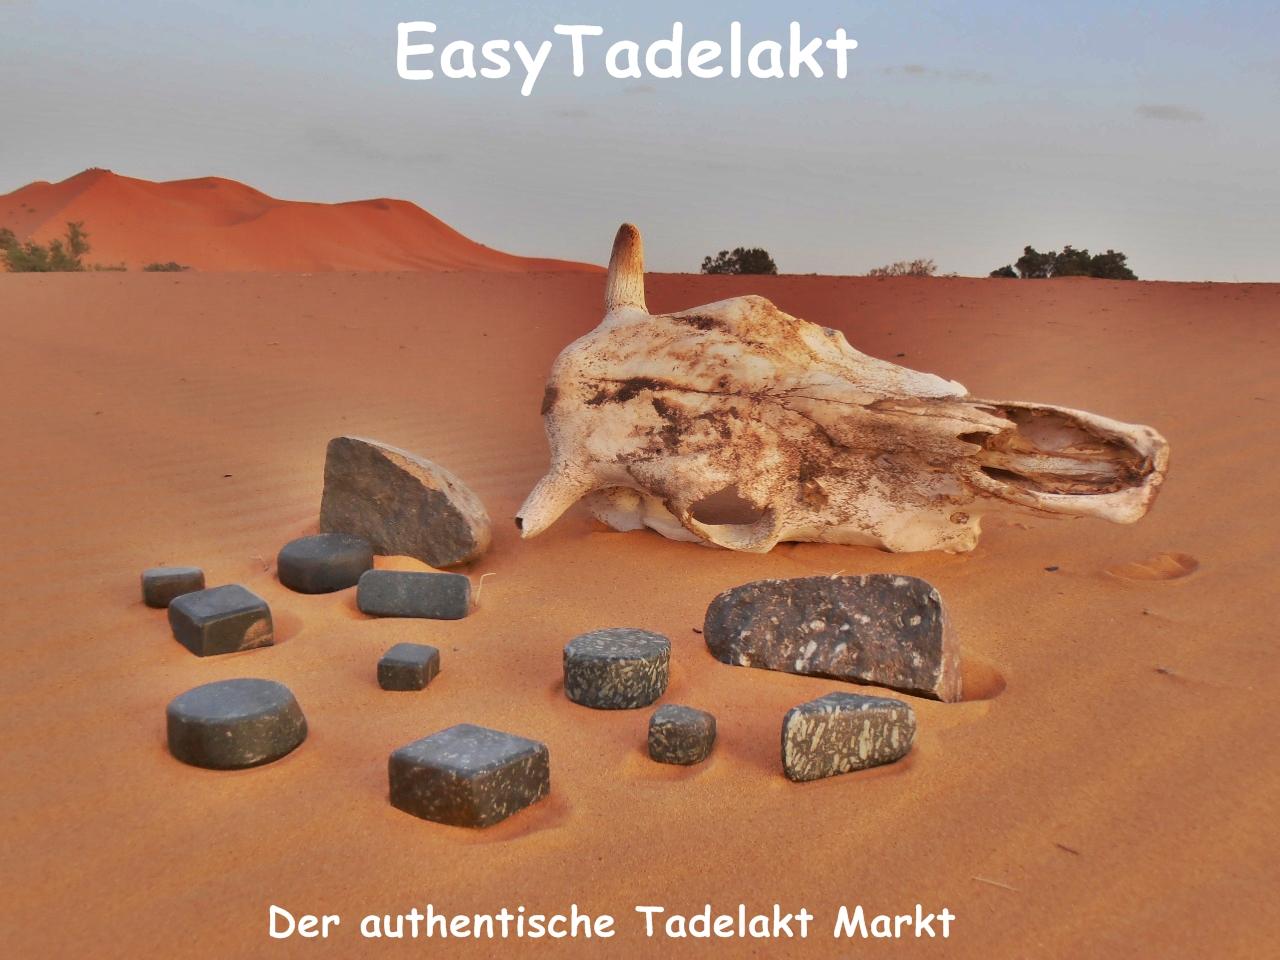 Originales Zubehör für den traditionellen Tadelakt von EasyTadelakt der Erste und Grösste authentische Tadelakt Markt online